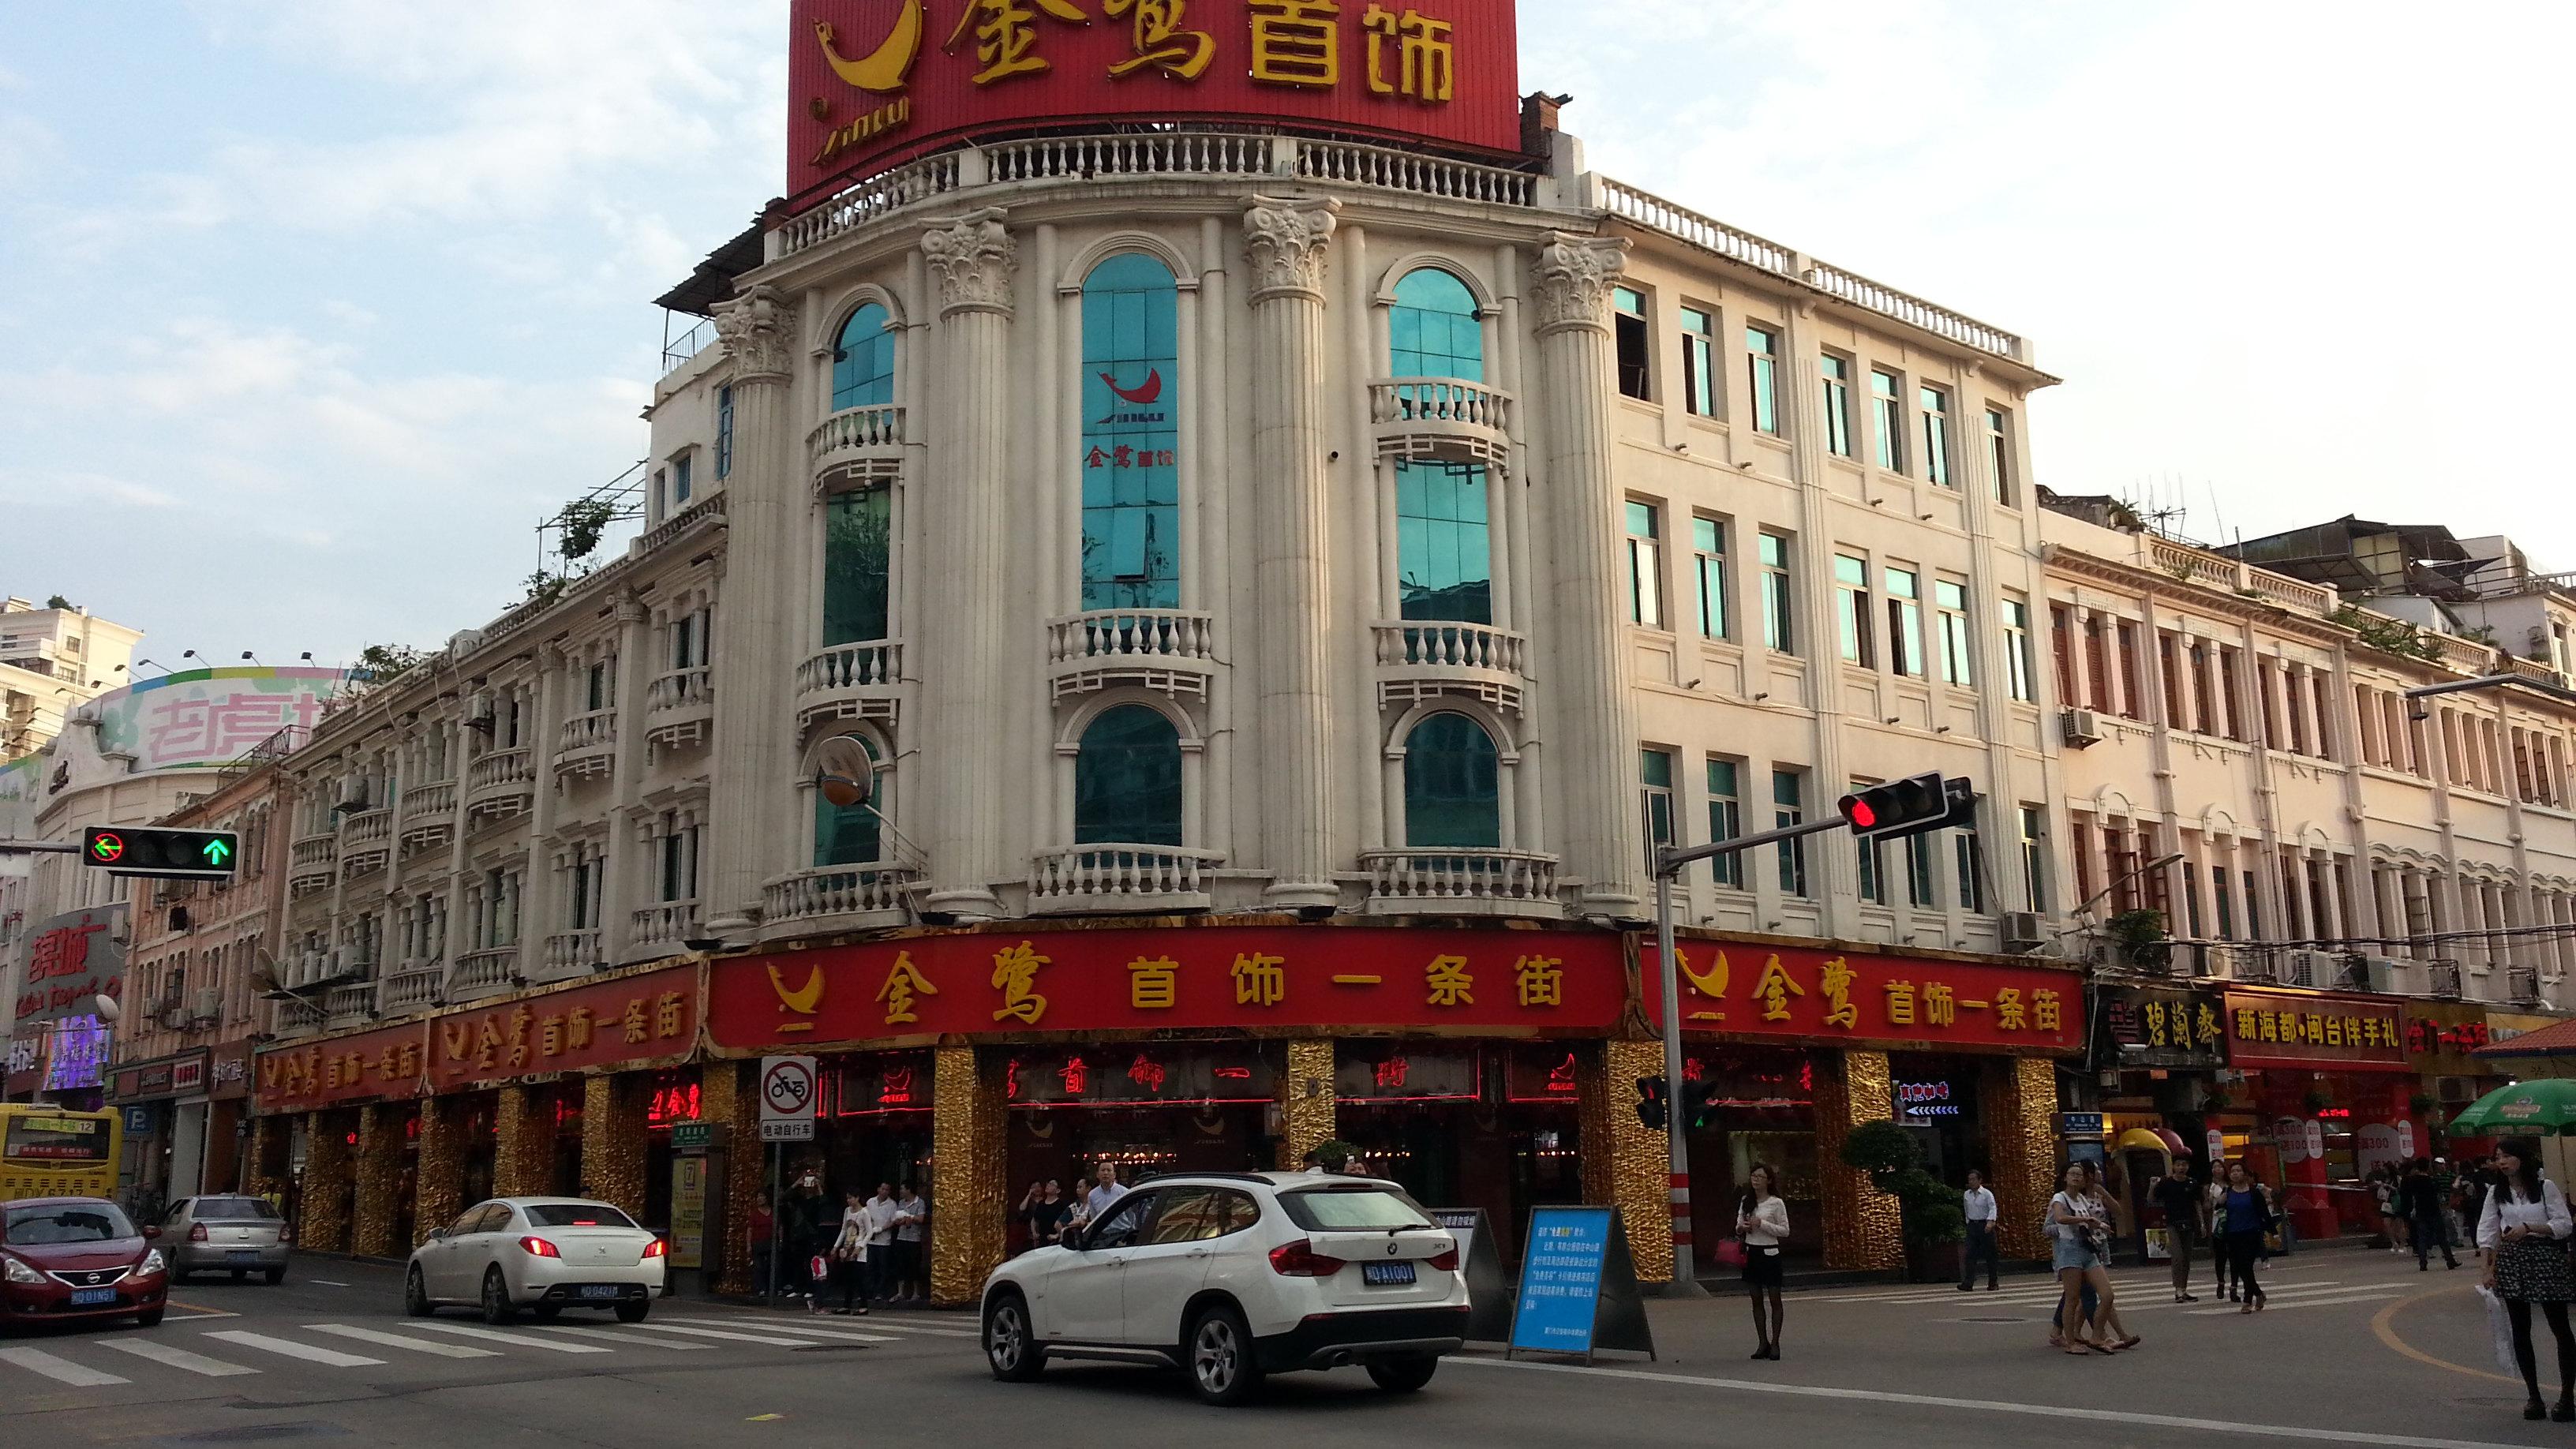 中山路步行街是厦门的旧城区